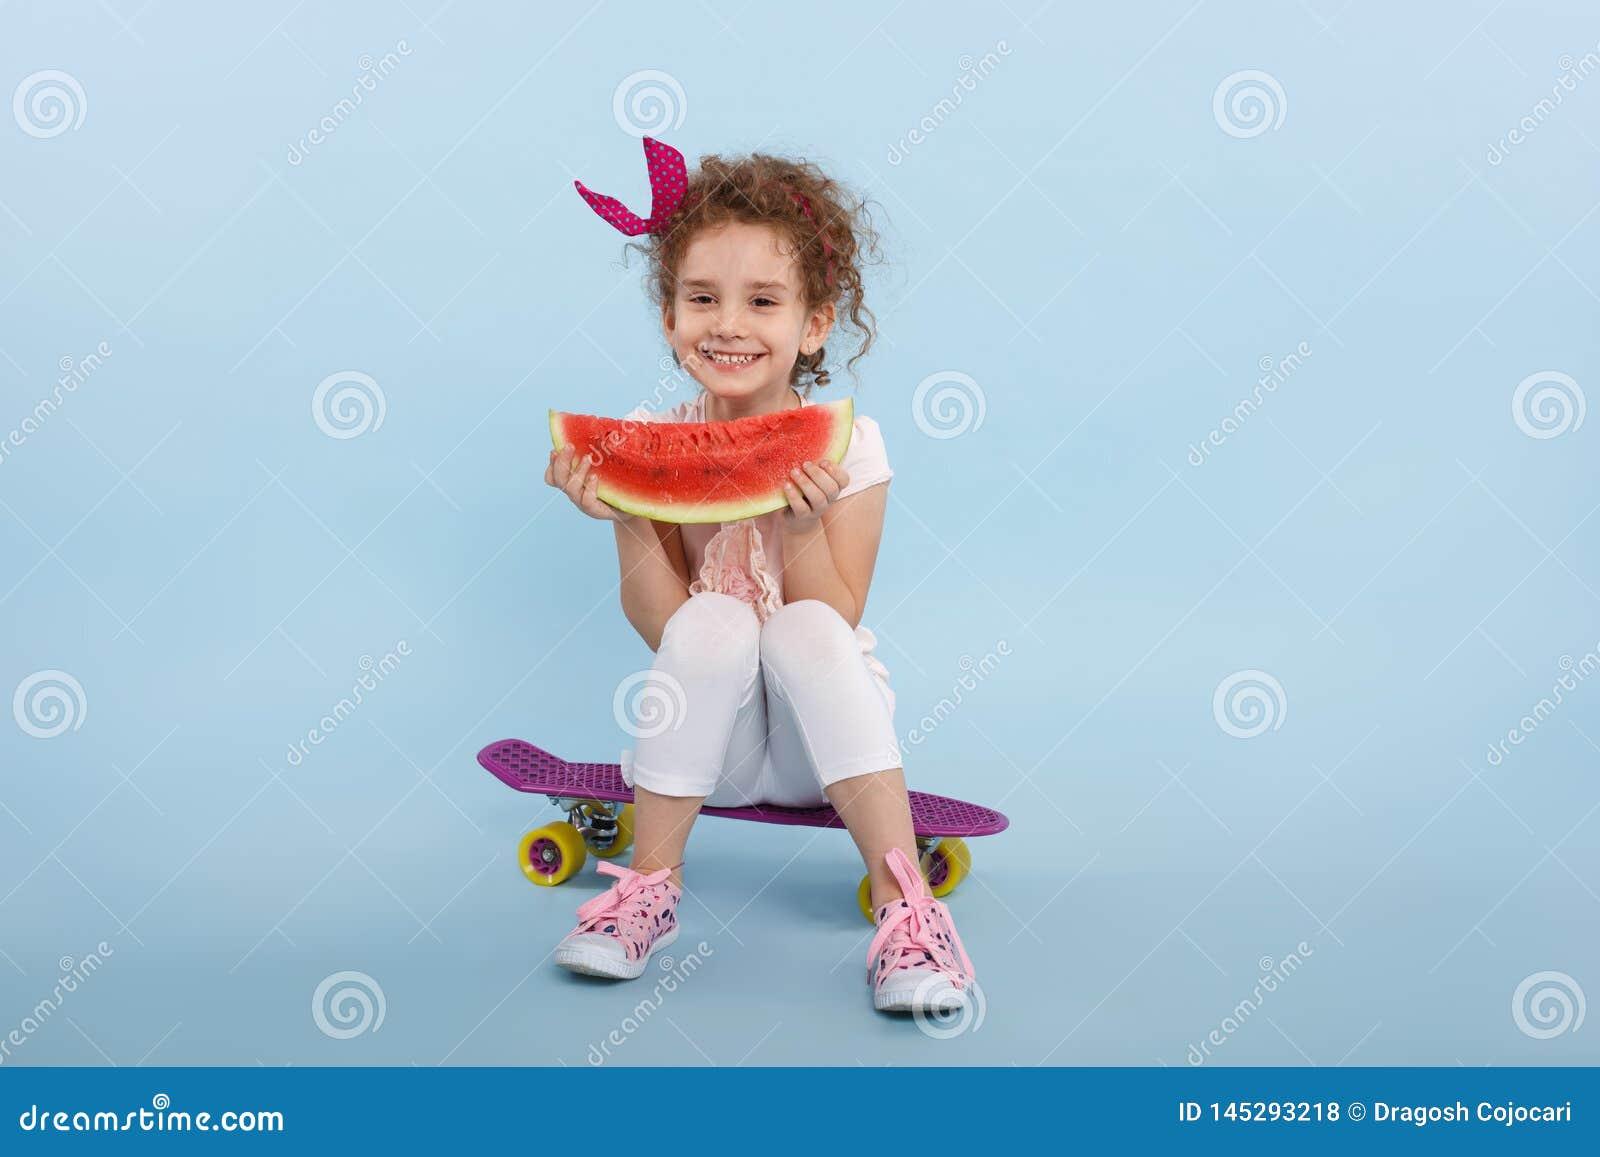 Menina de cabelo encaracolado pequena da felicidade com a melancia nas mãos, assentadas em um skate, isolado em um fundo azul